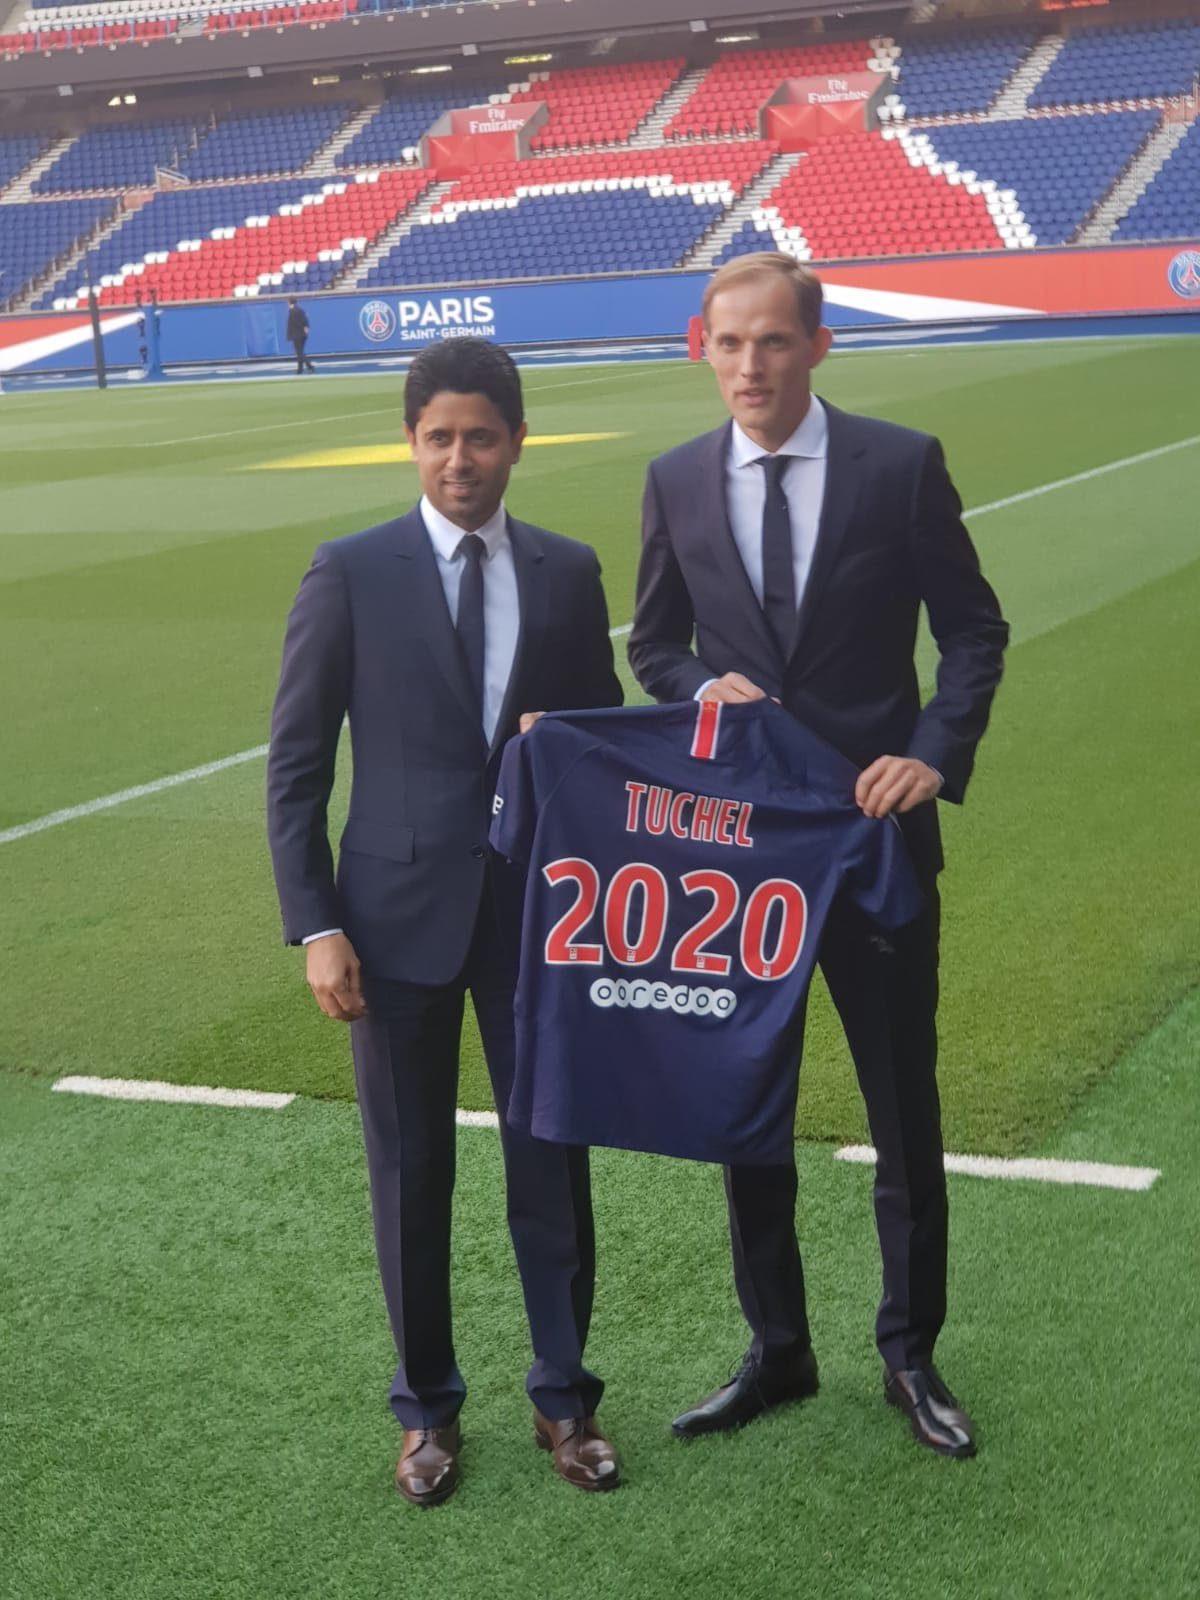 Thomas Tuchel est au PSG pour les deux prochaines saisons